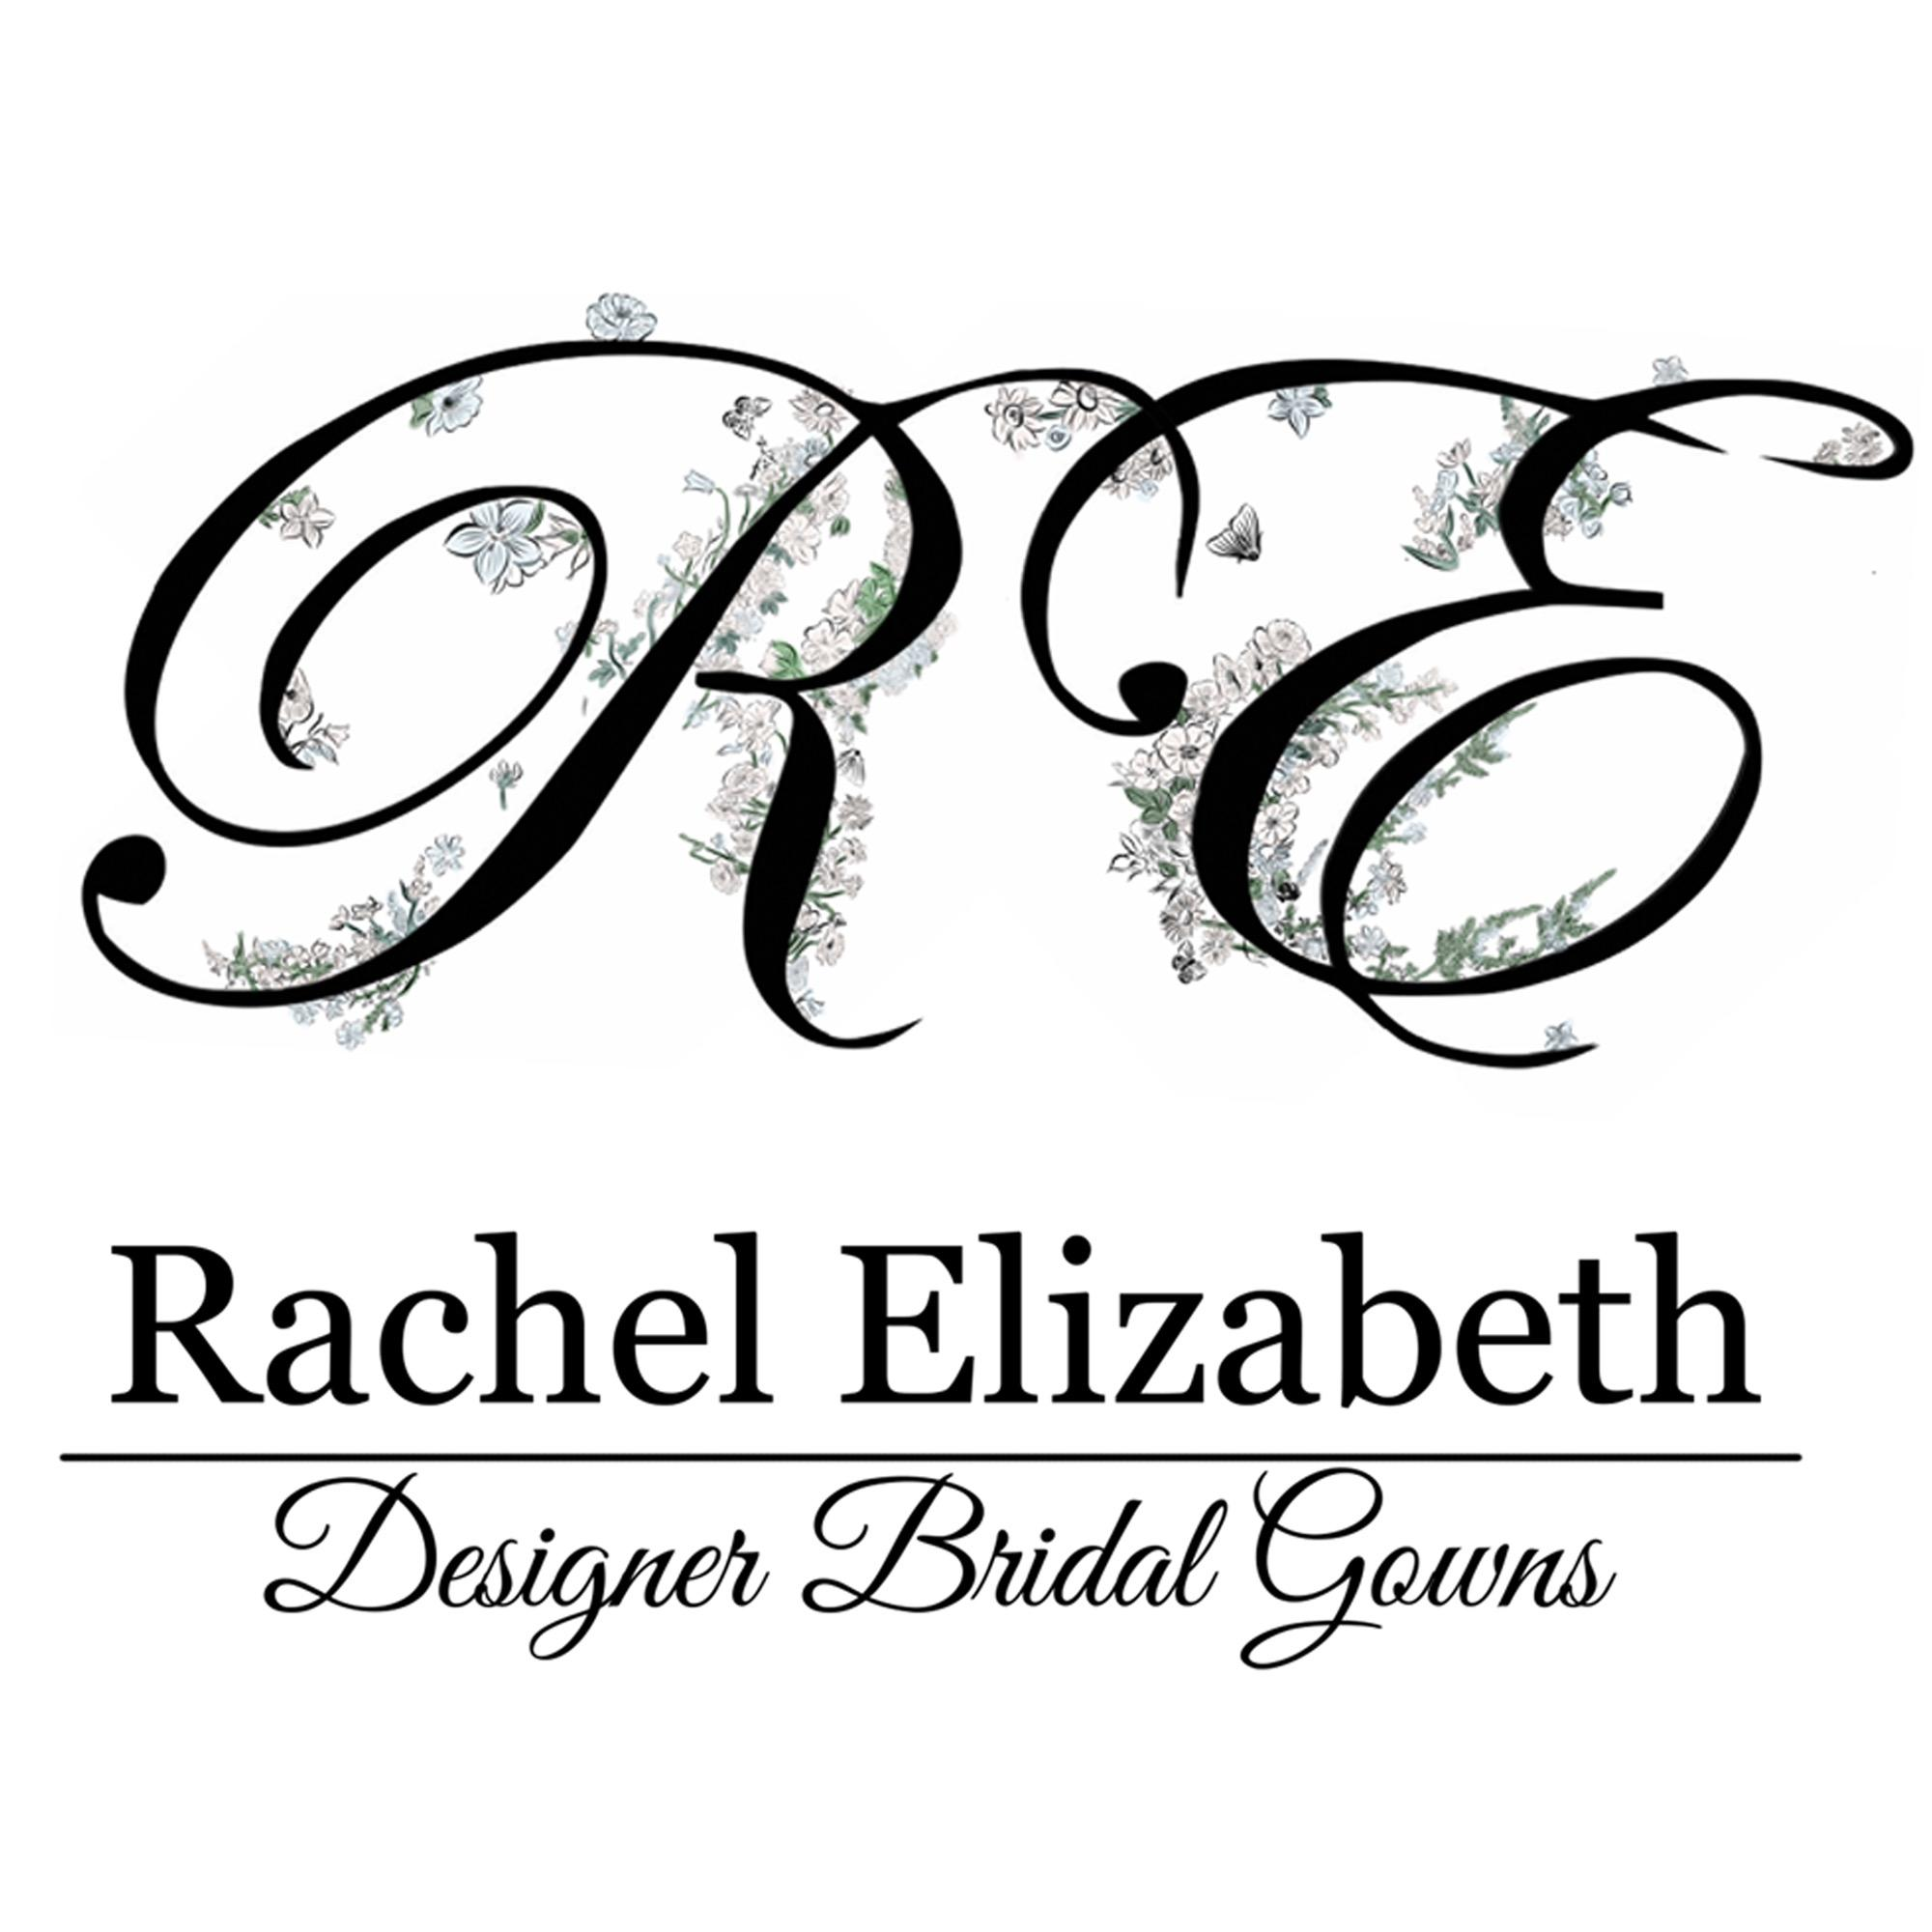 Rachel Elizabeth Designs, LLC